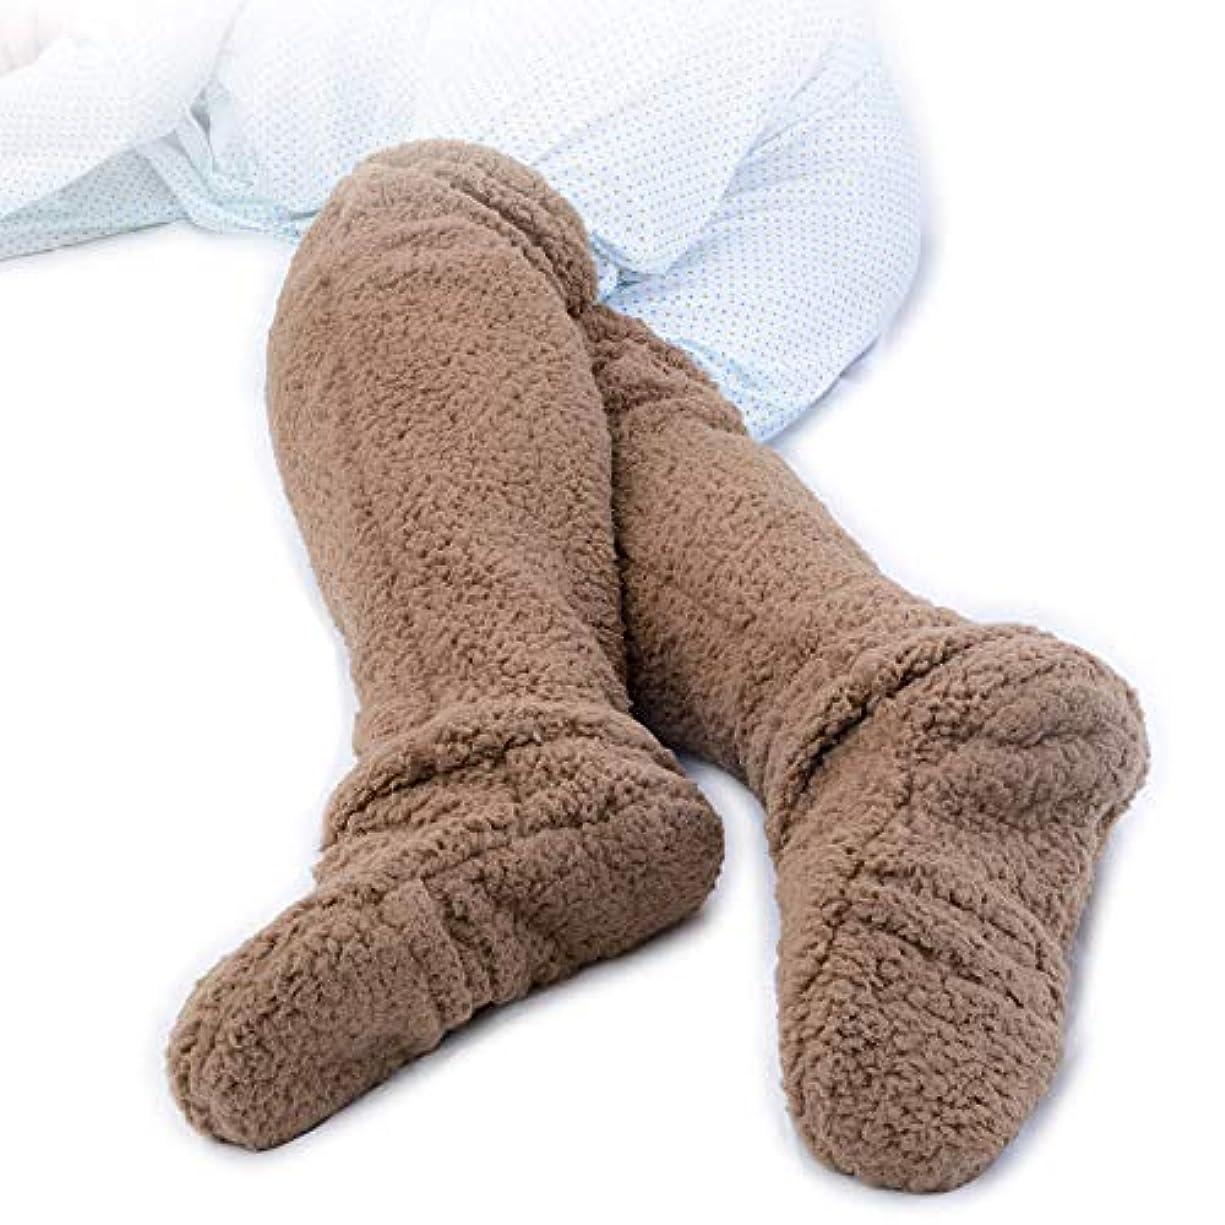 表現刈る漏斗ヒートソックス,Enteriza 極暖 防寒 足が出せるロングカバー あったかグッズ ルームシューズ 男女兼用 2重フリース生地 室内履き 軽量 洗える